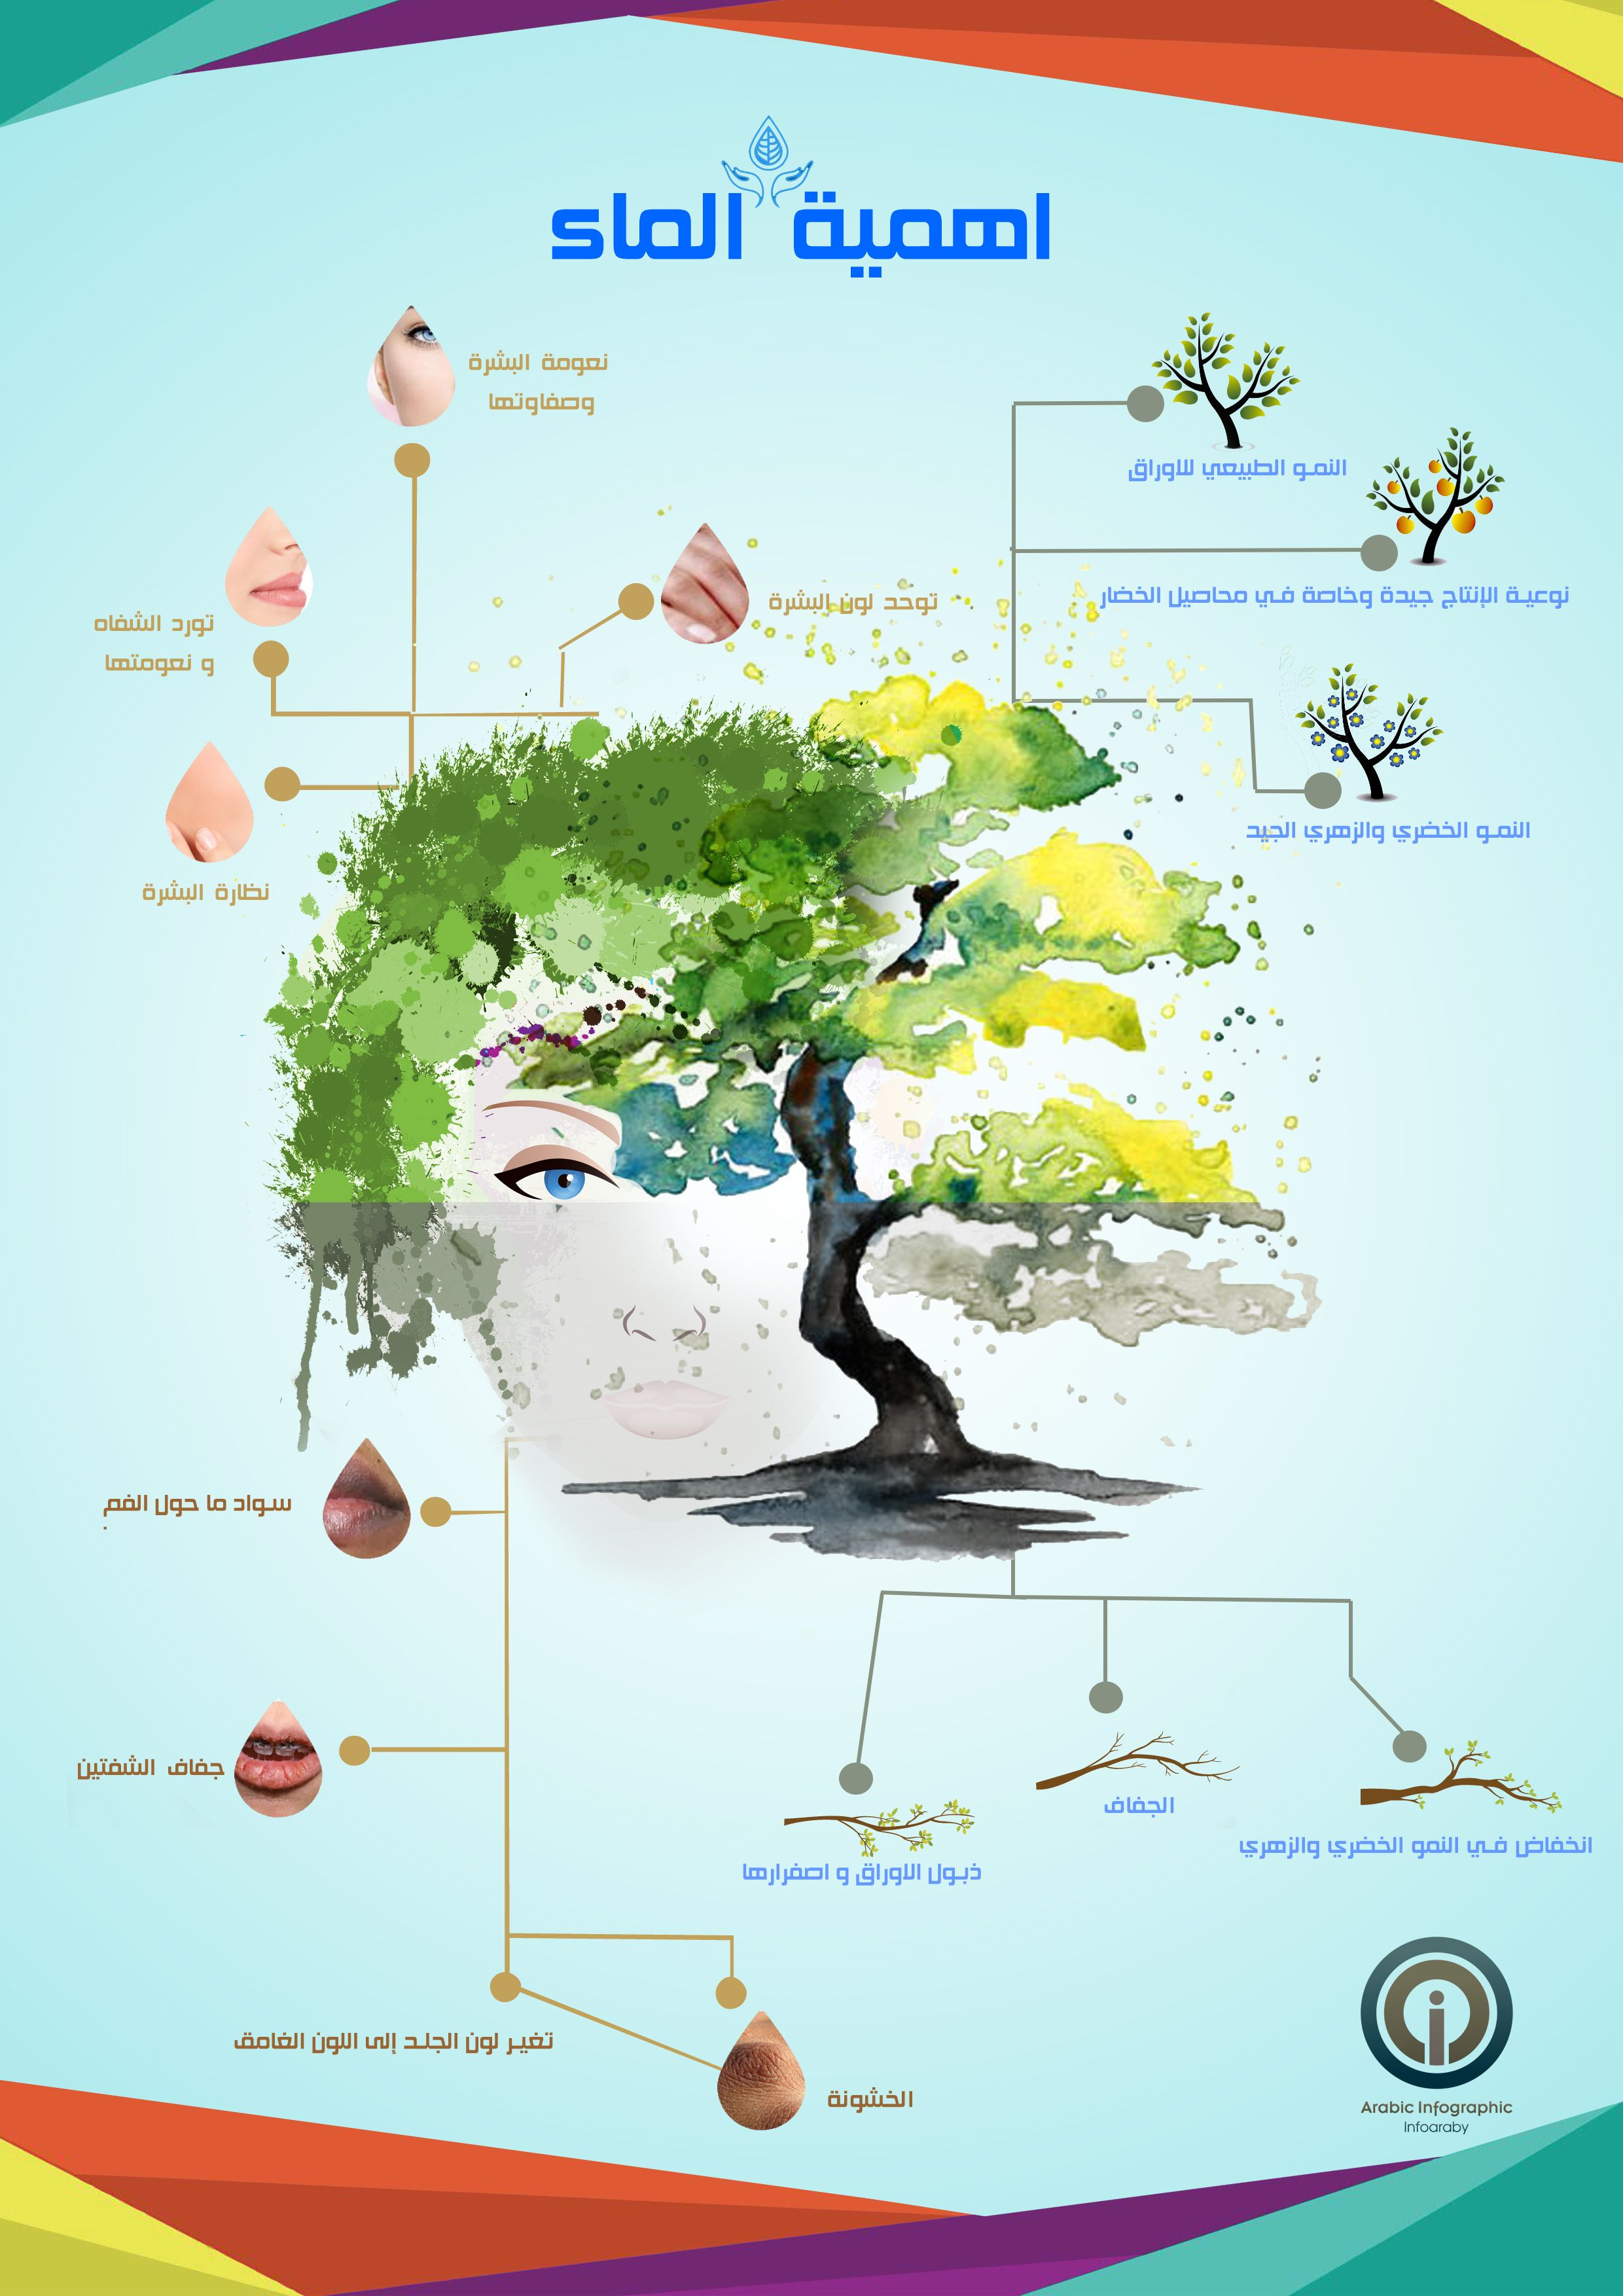 أهمية الماء انفوجرافيك Phone Wallpaper Images Phone Wallpaper Image